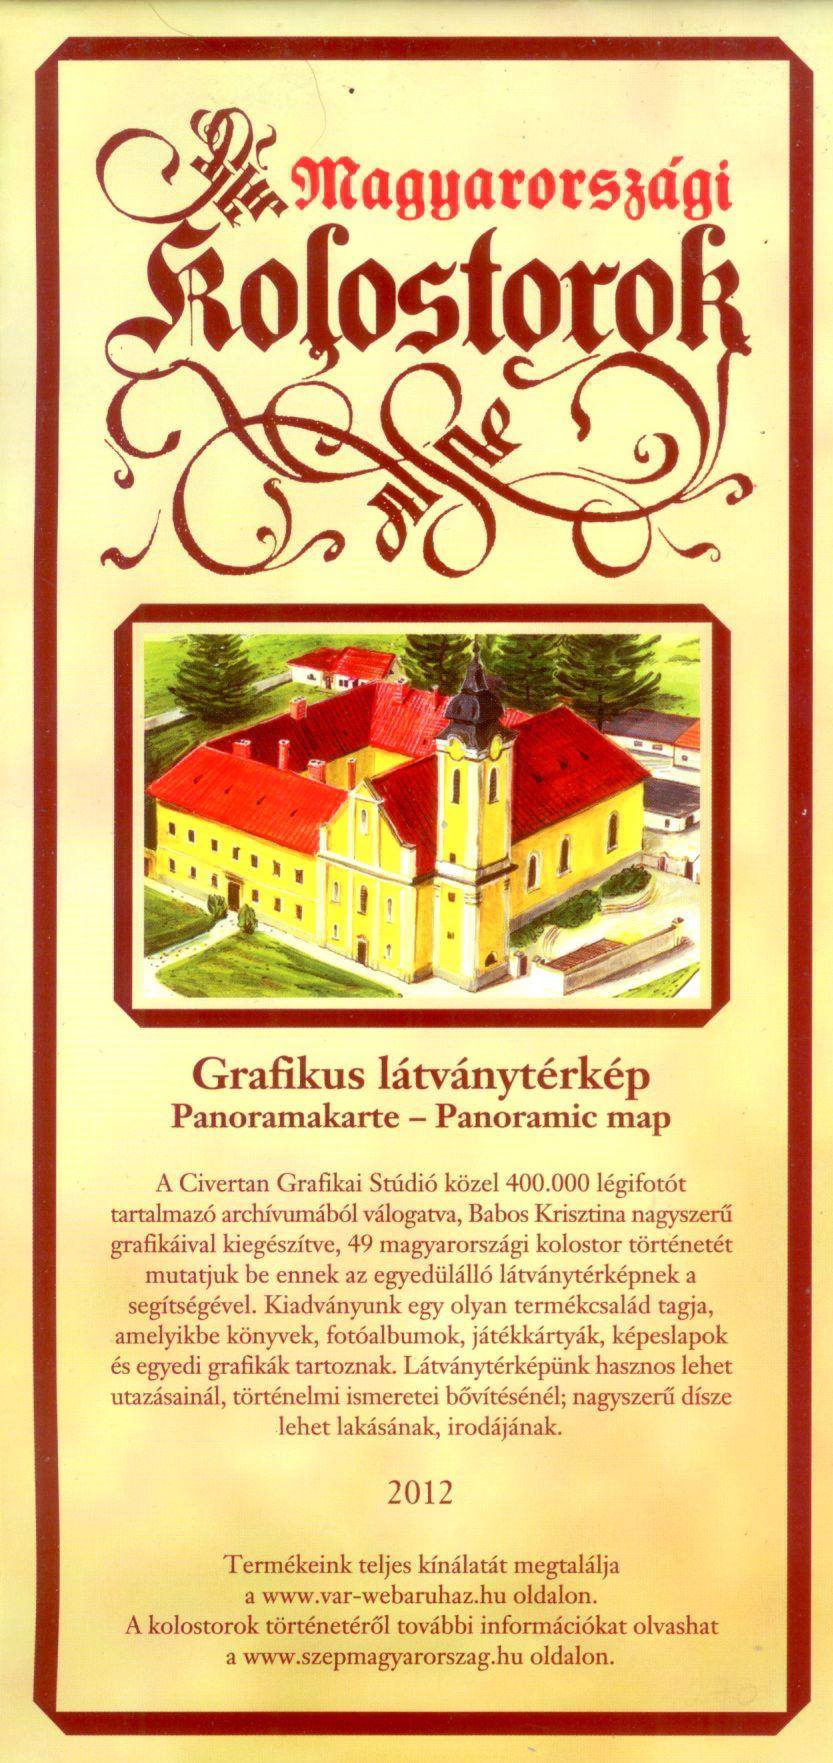 Magyarországi kolostorok (grafikus látványítérkép) a jelenlegi állapot légifényképen, ill. festett panorámaképen